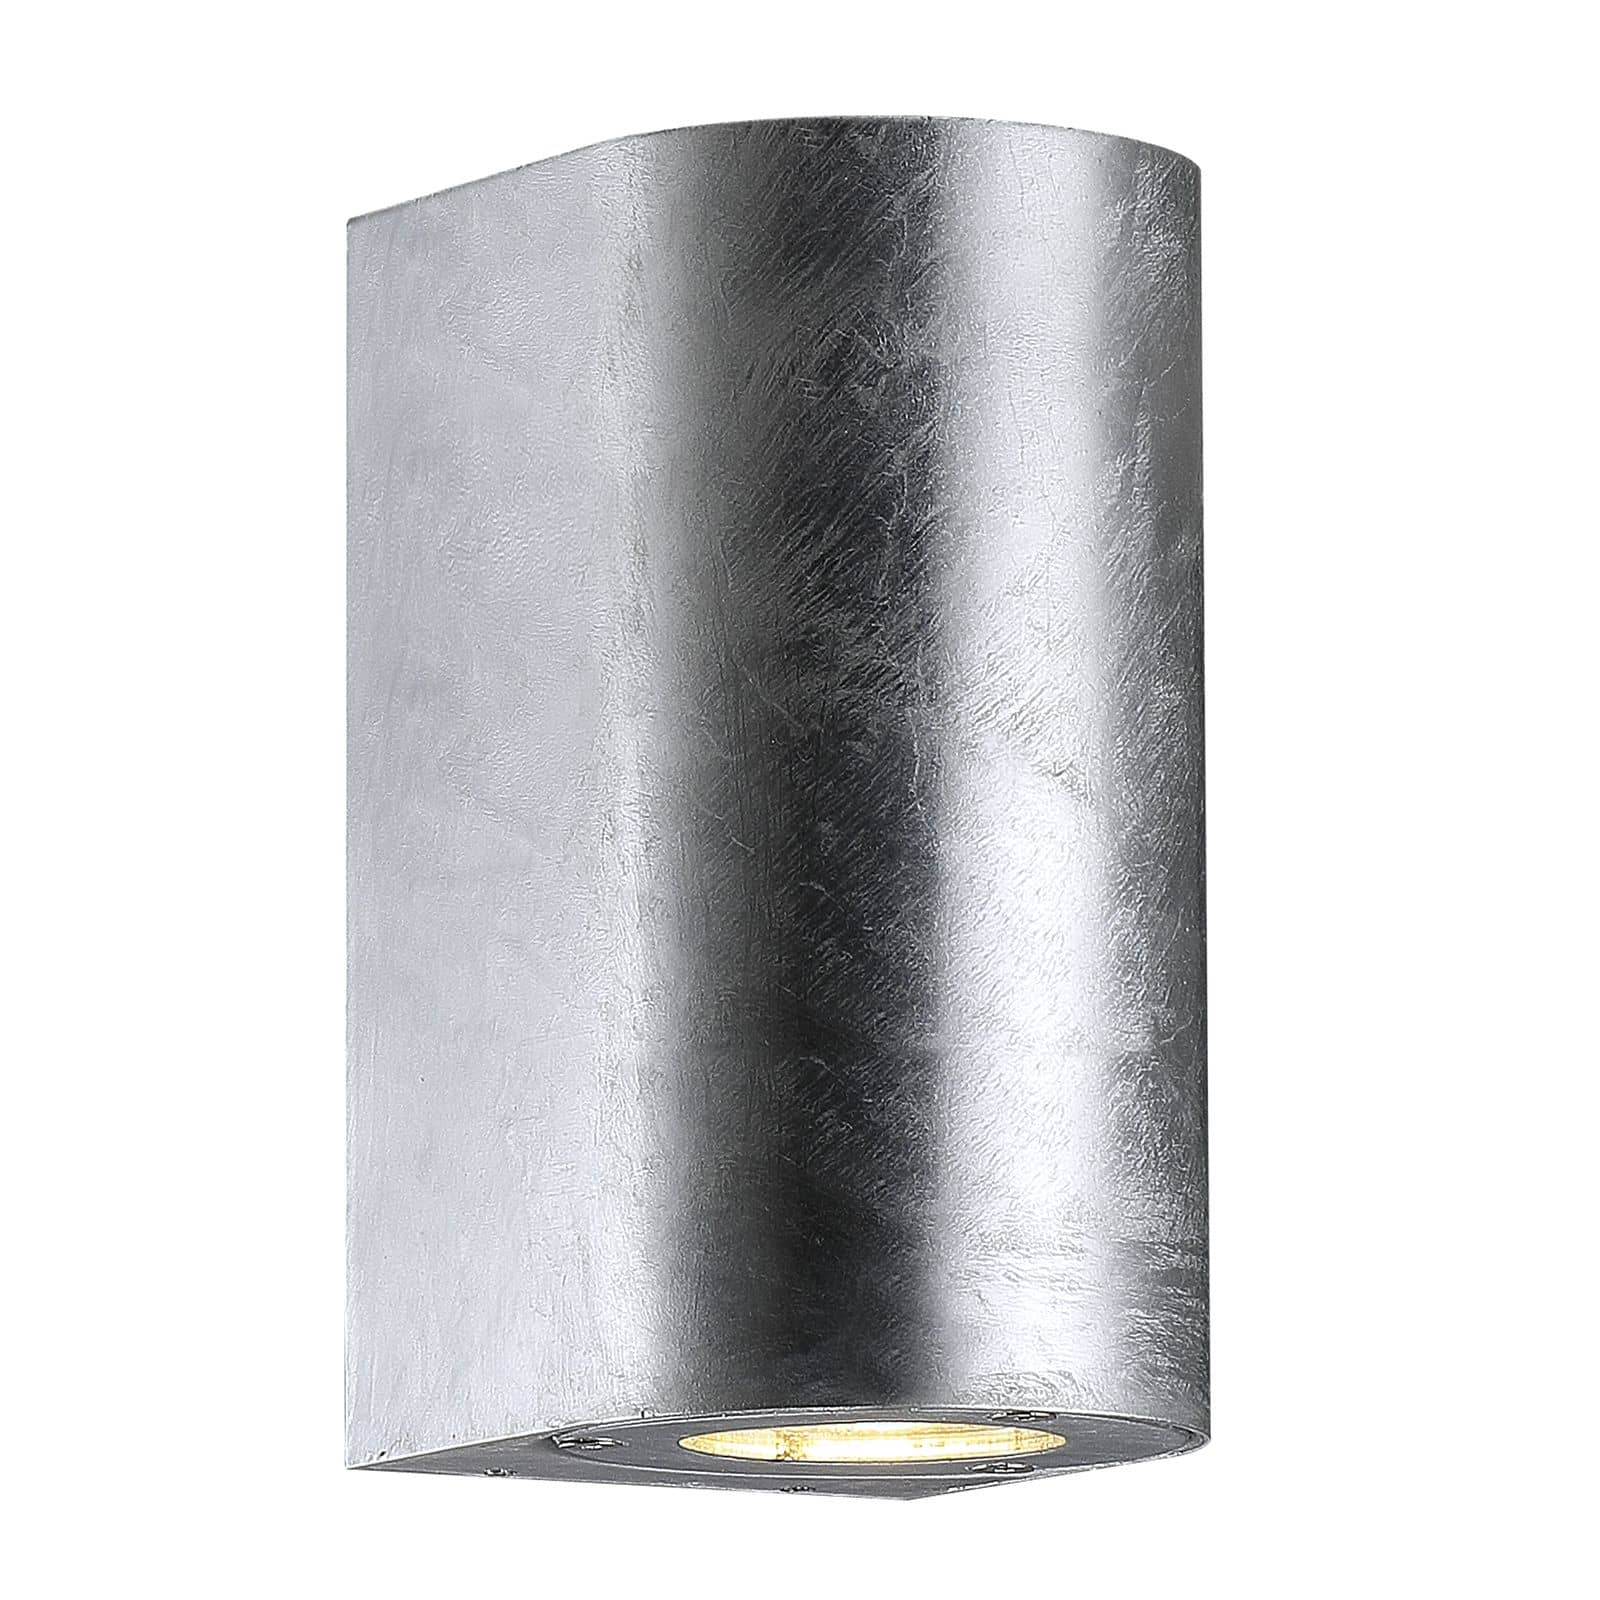 Nordlux 77561031 canto maxi wandleuchte 2xgu10 metall glas for Nordlux leuchten